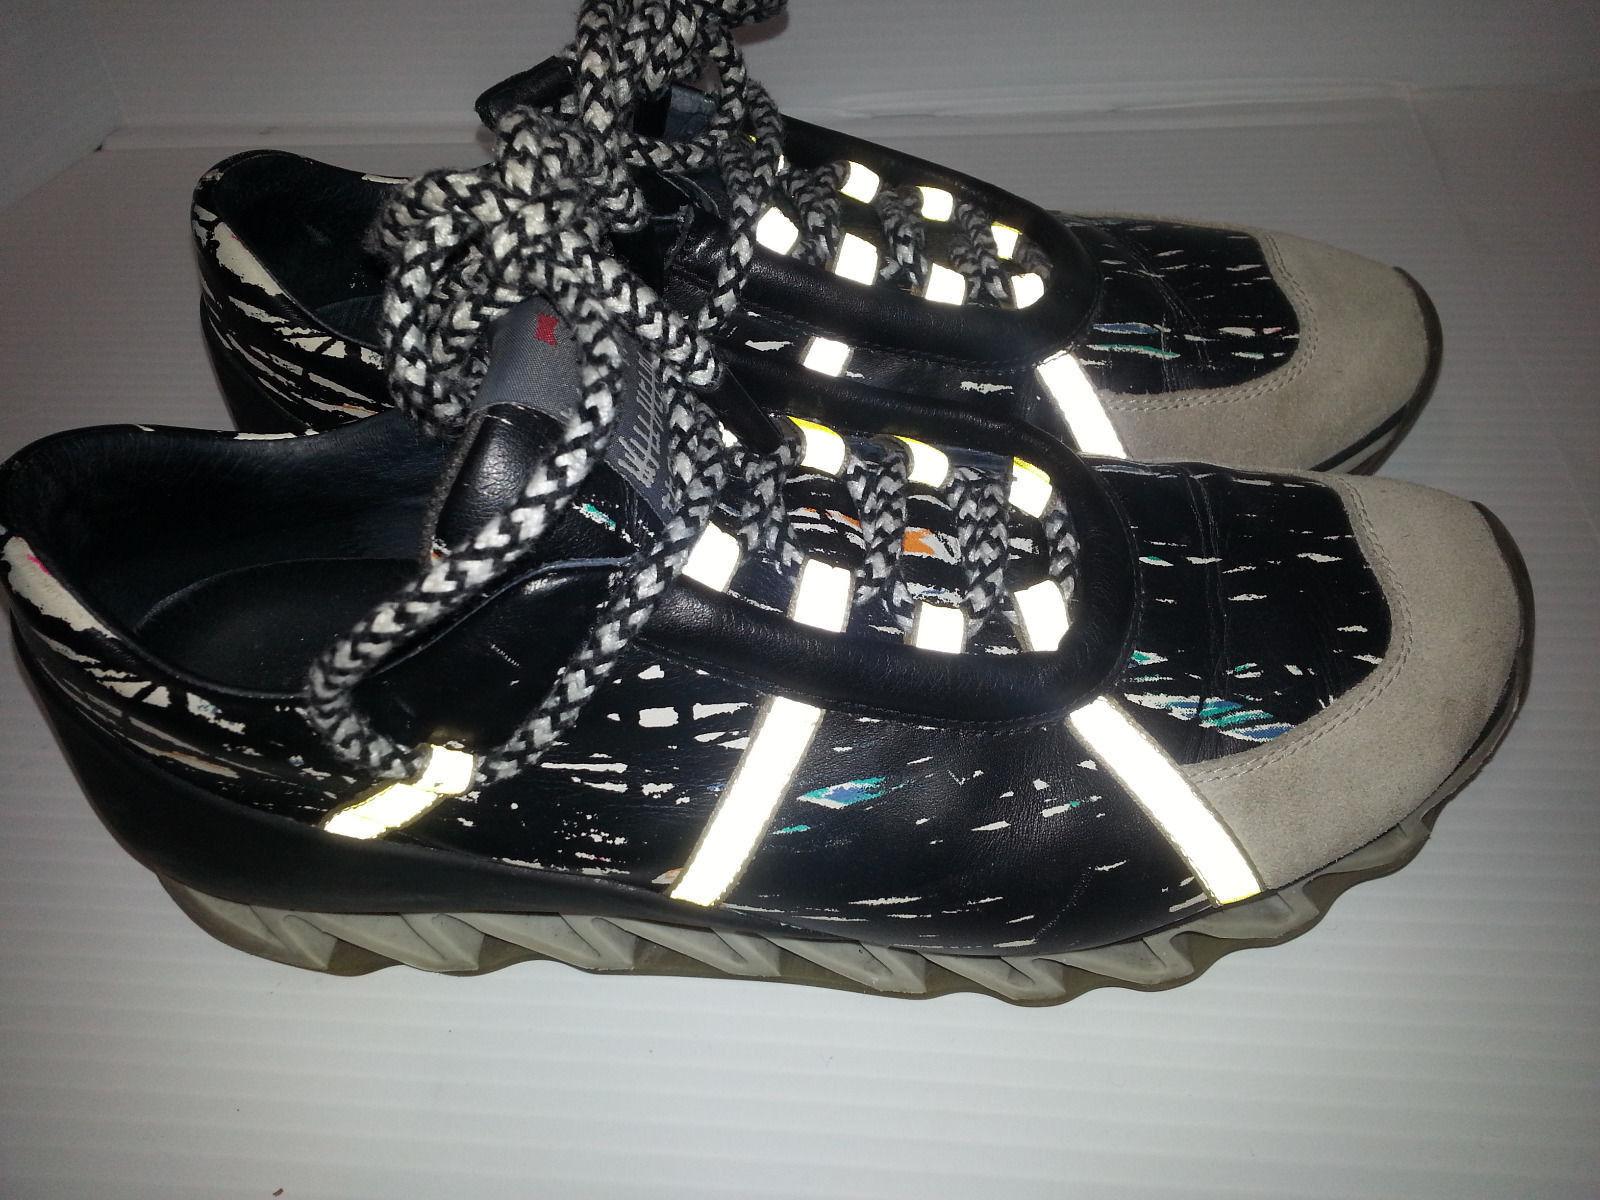 BERNHARD WILLHEIM WILLHEIM WILLHEIM Campers Uomo Himalayan Trainers scarpe da ginnastica scarpe Dimensione 9.5 nero 136322